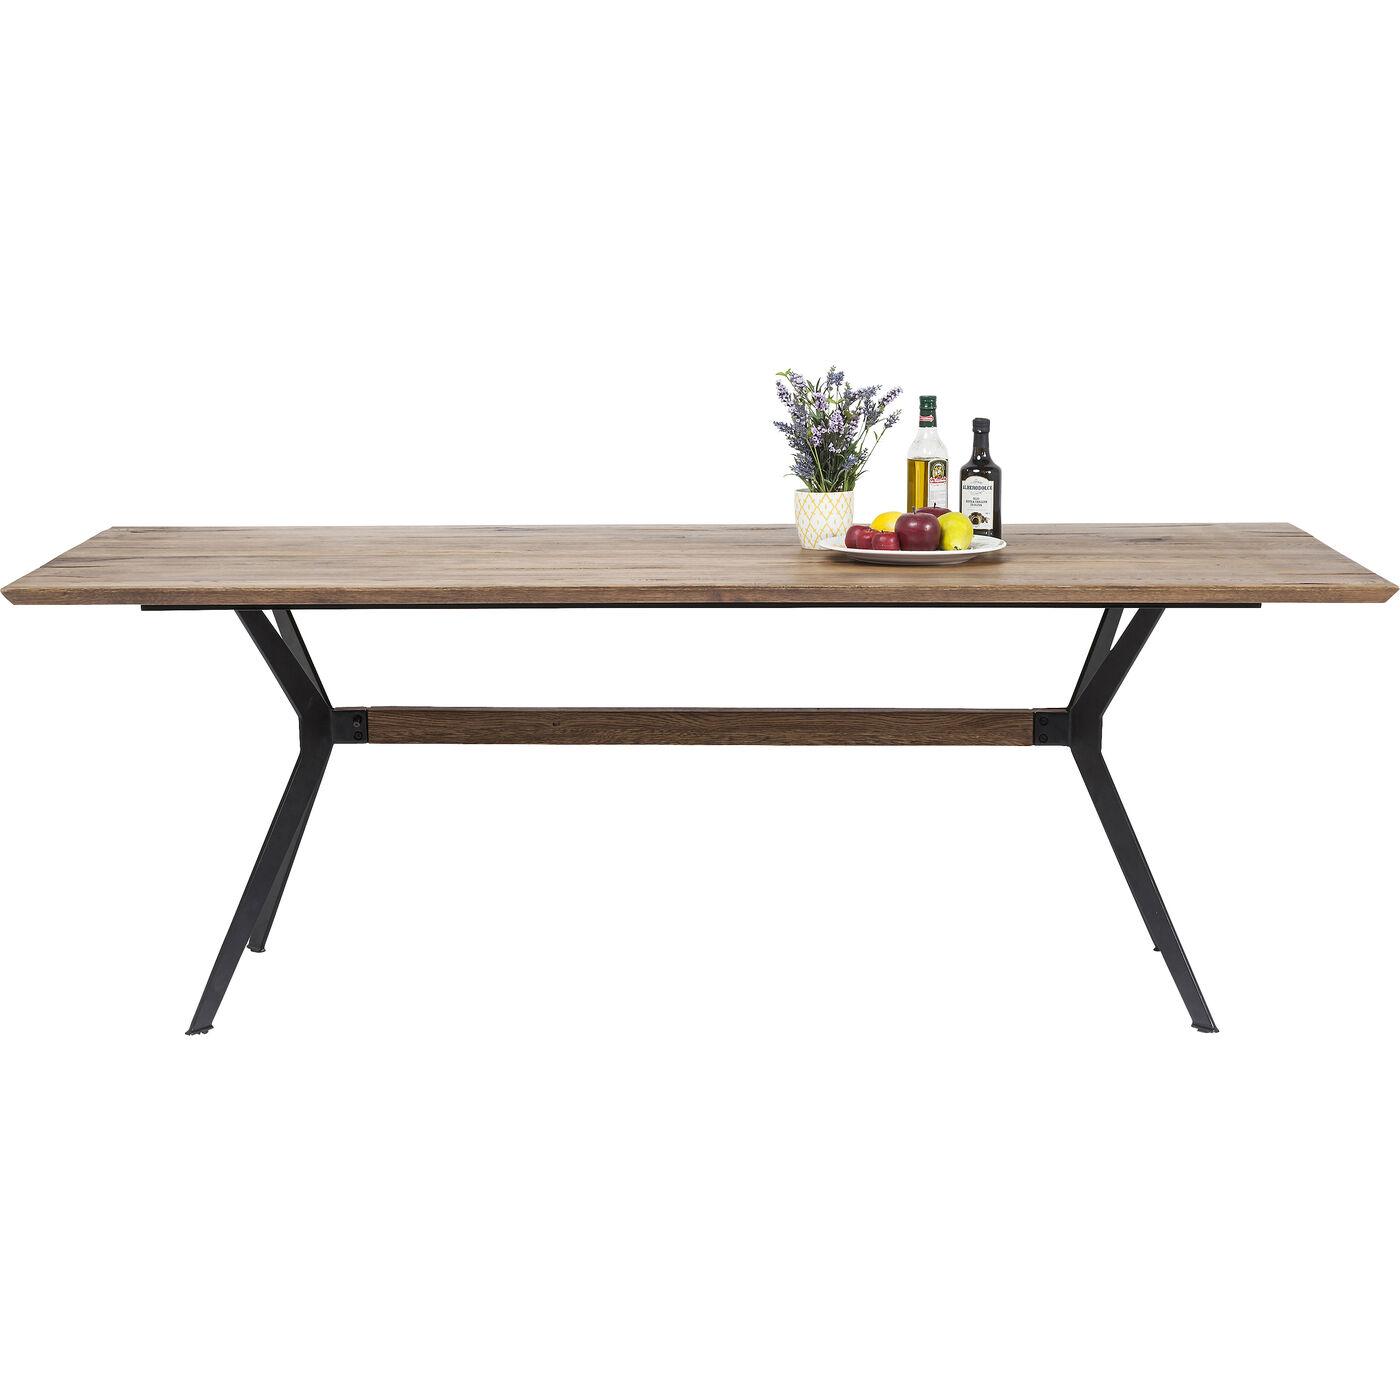 Tisch Downtown Eiche 220x100cm